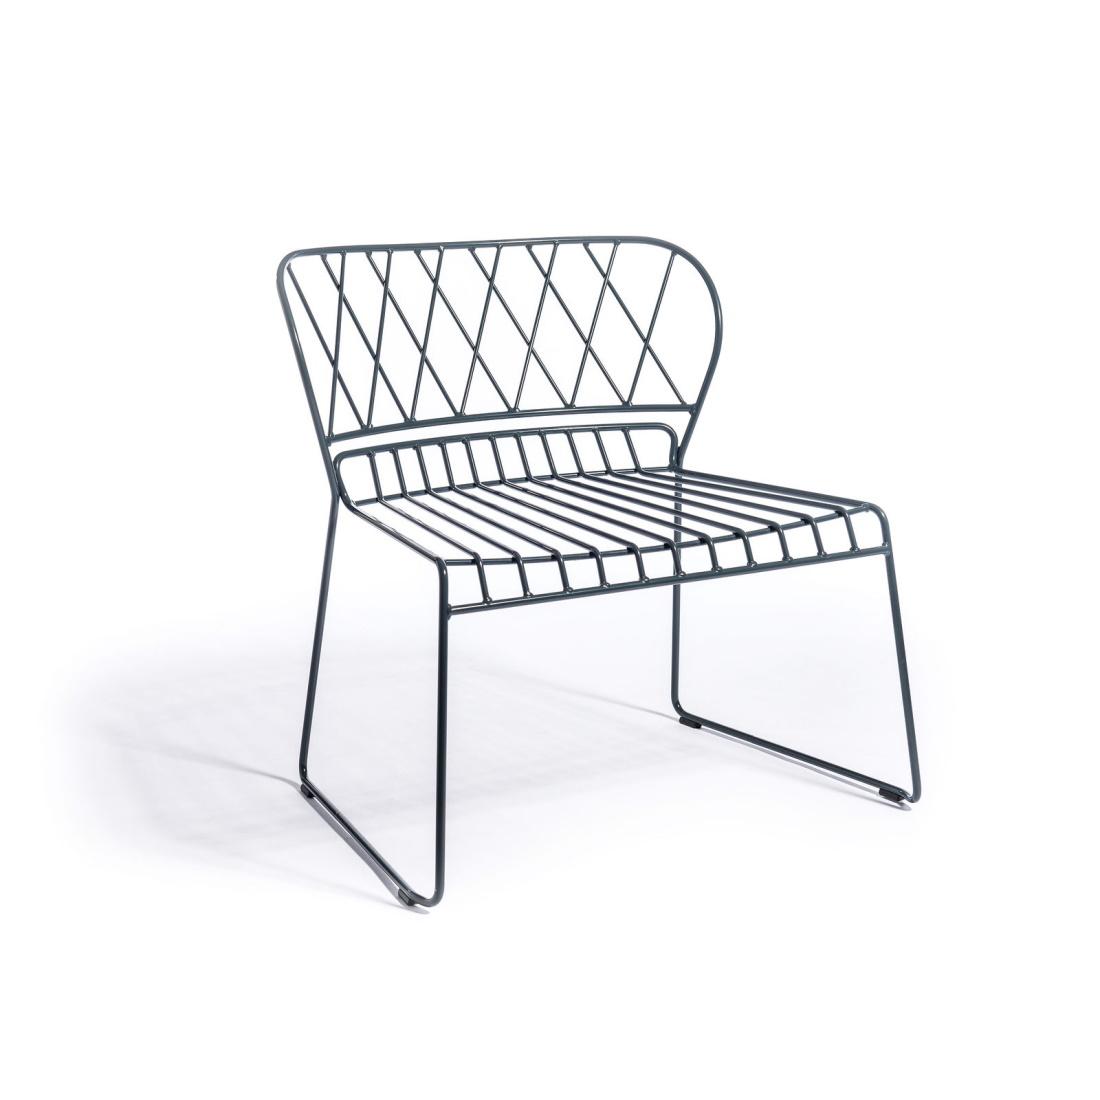 Resö Lounge stol grå metall, Skargaarden